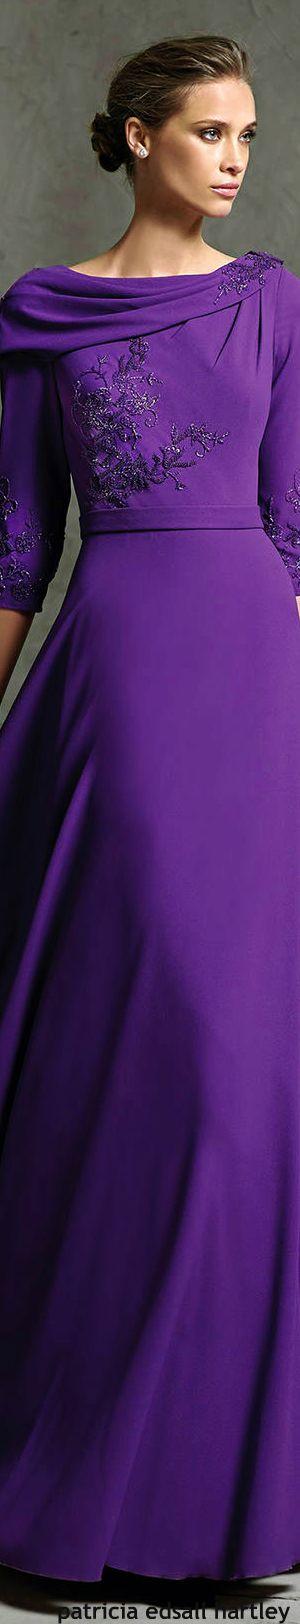 Pin de Sara Alicia en Fiestas | Pinterest | Trajes de vestir, Traje ...